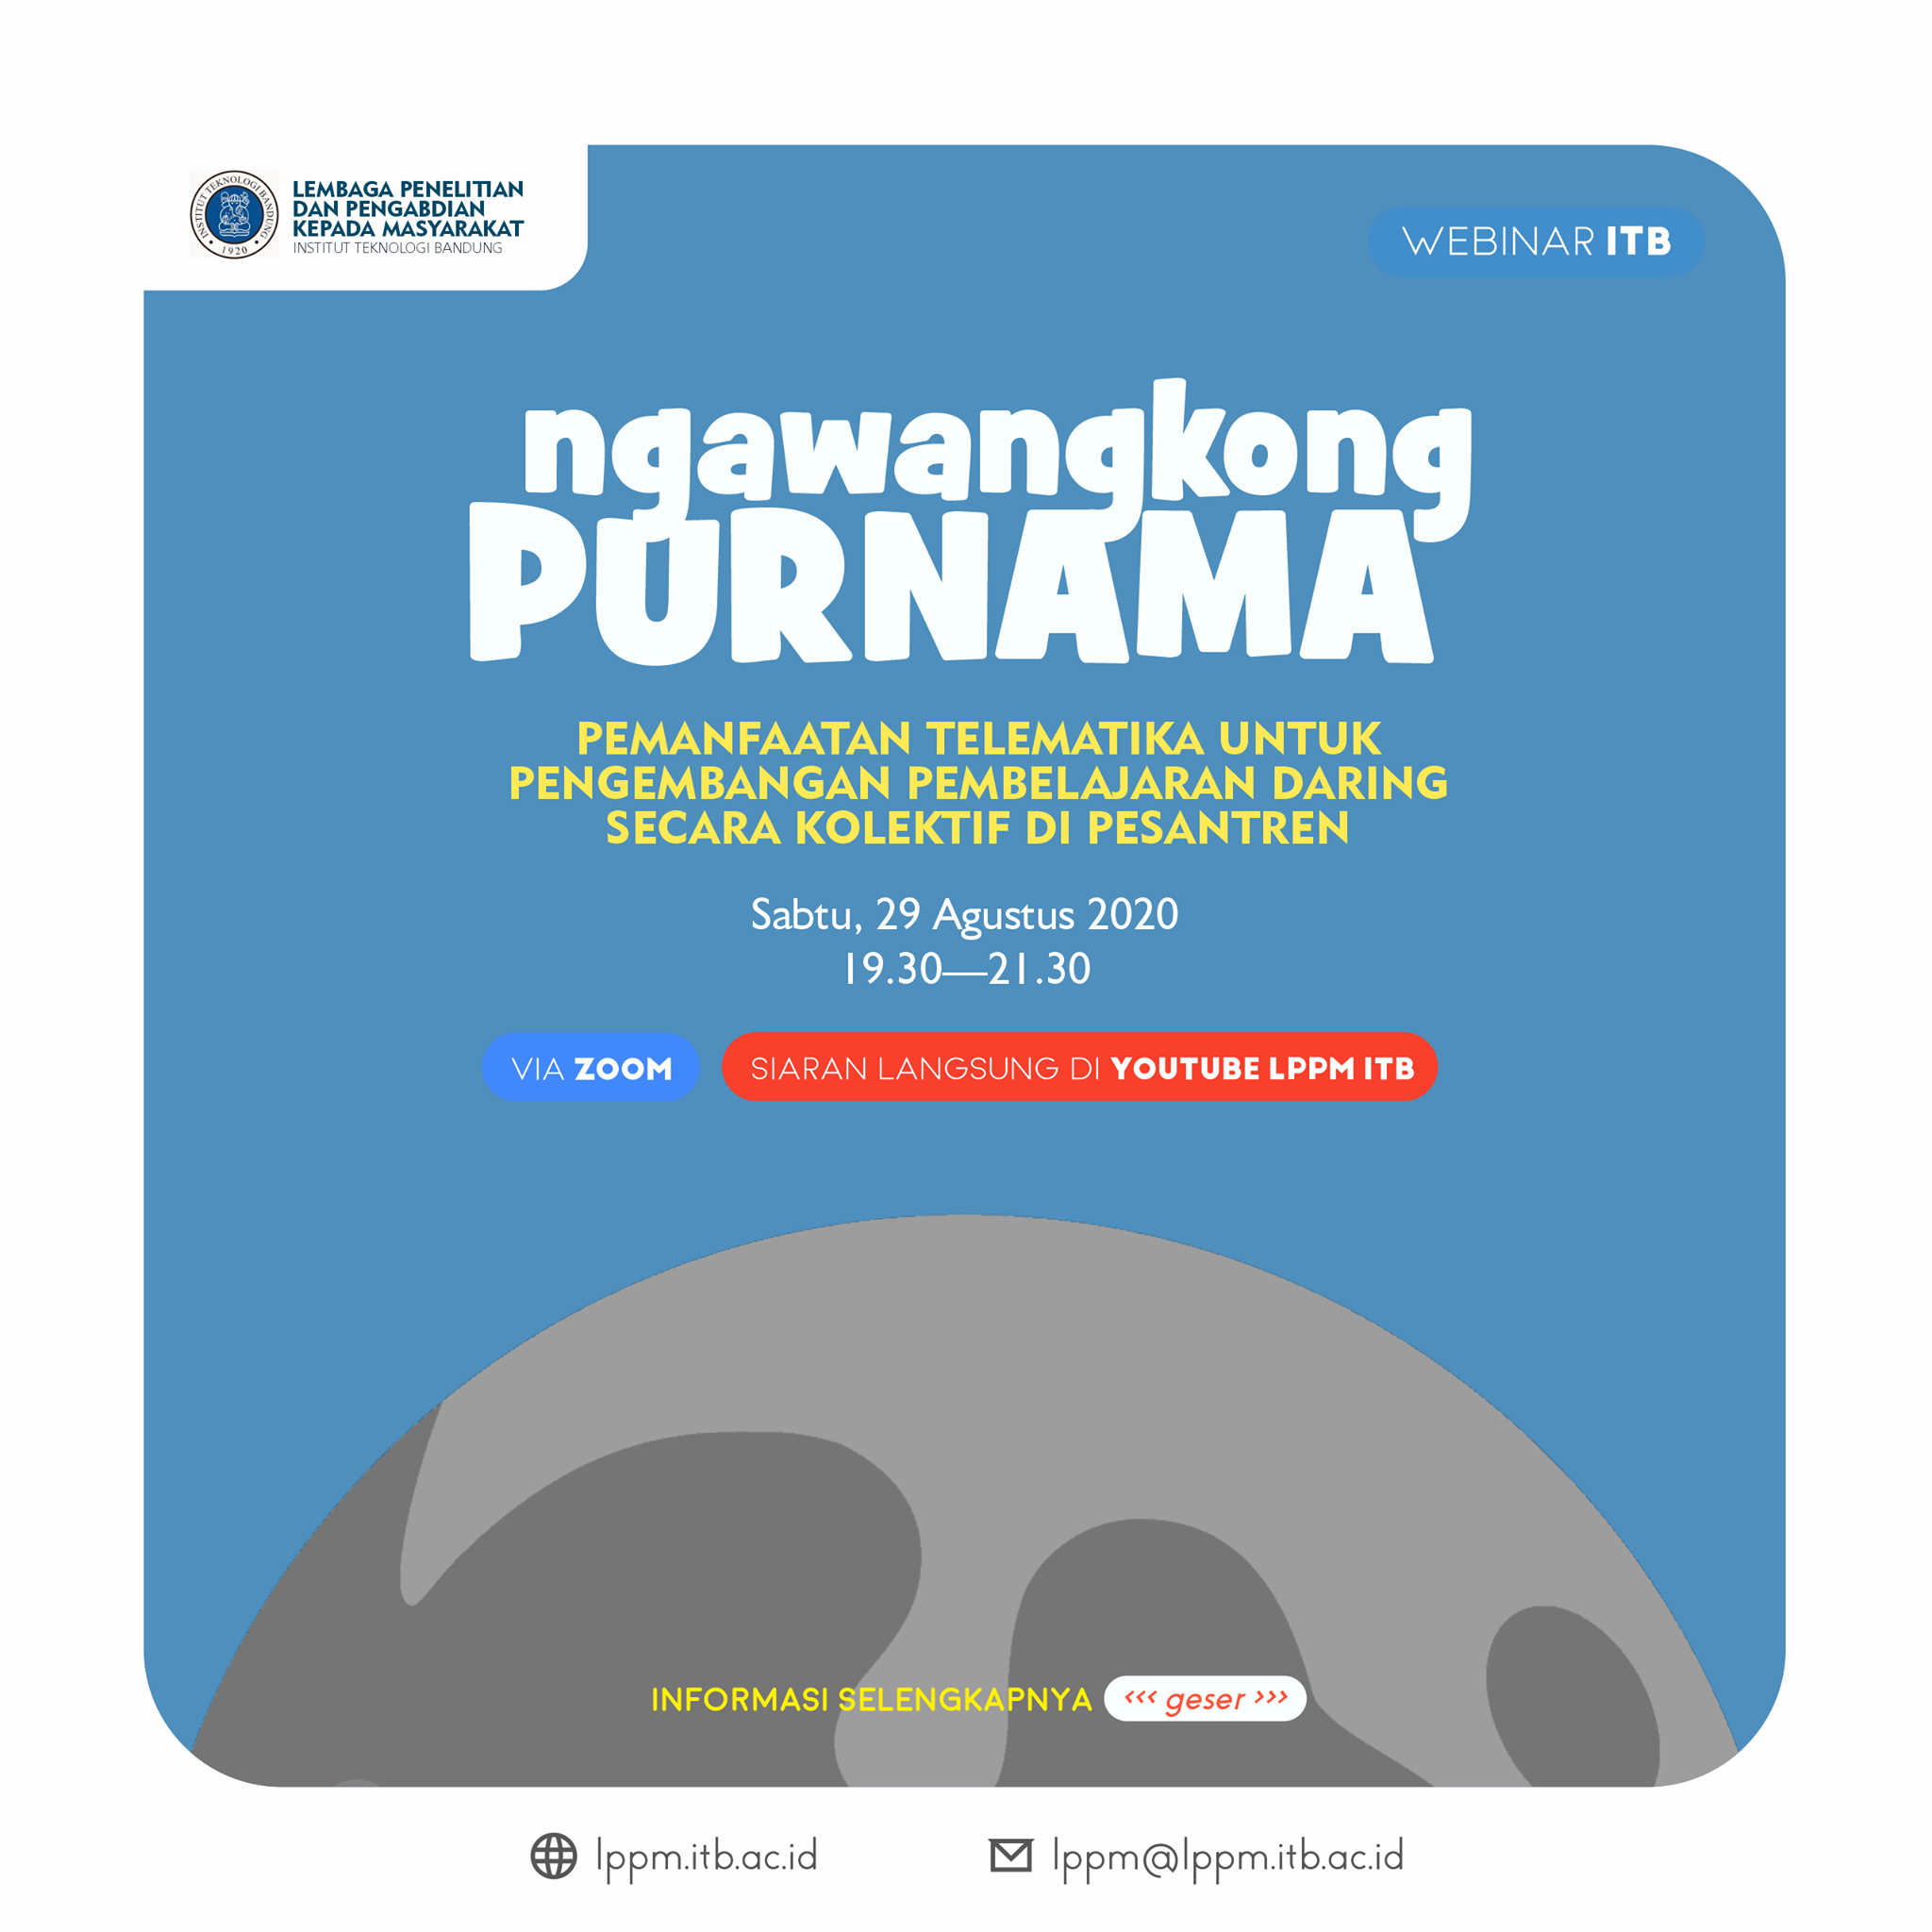 [WEBINAR ITB] Ngawangkong Purnama: Diskusi Santai Berbagi Pengetahuan, Perencanaan, dan Pengalaman bersama Pakar di bawah Cahaya Purnama